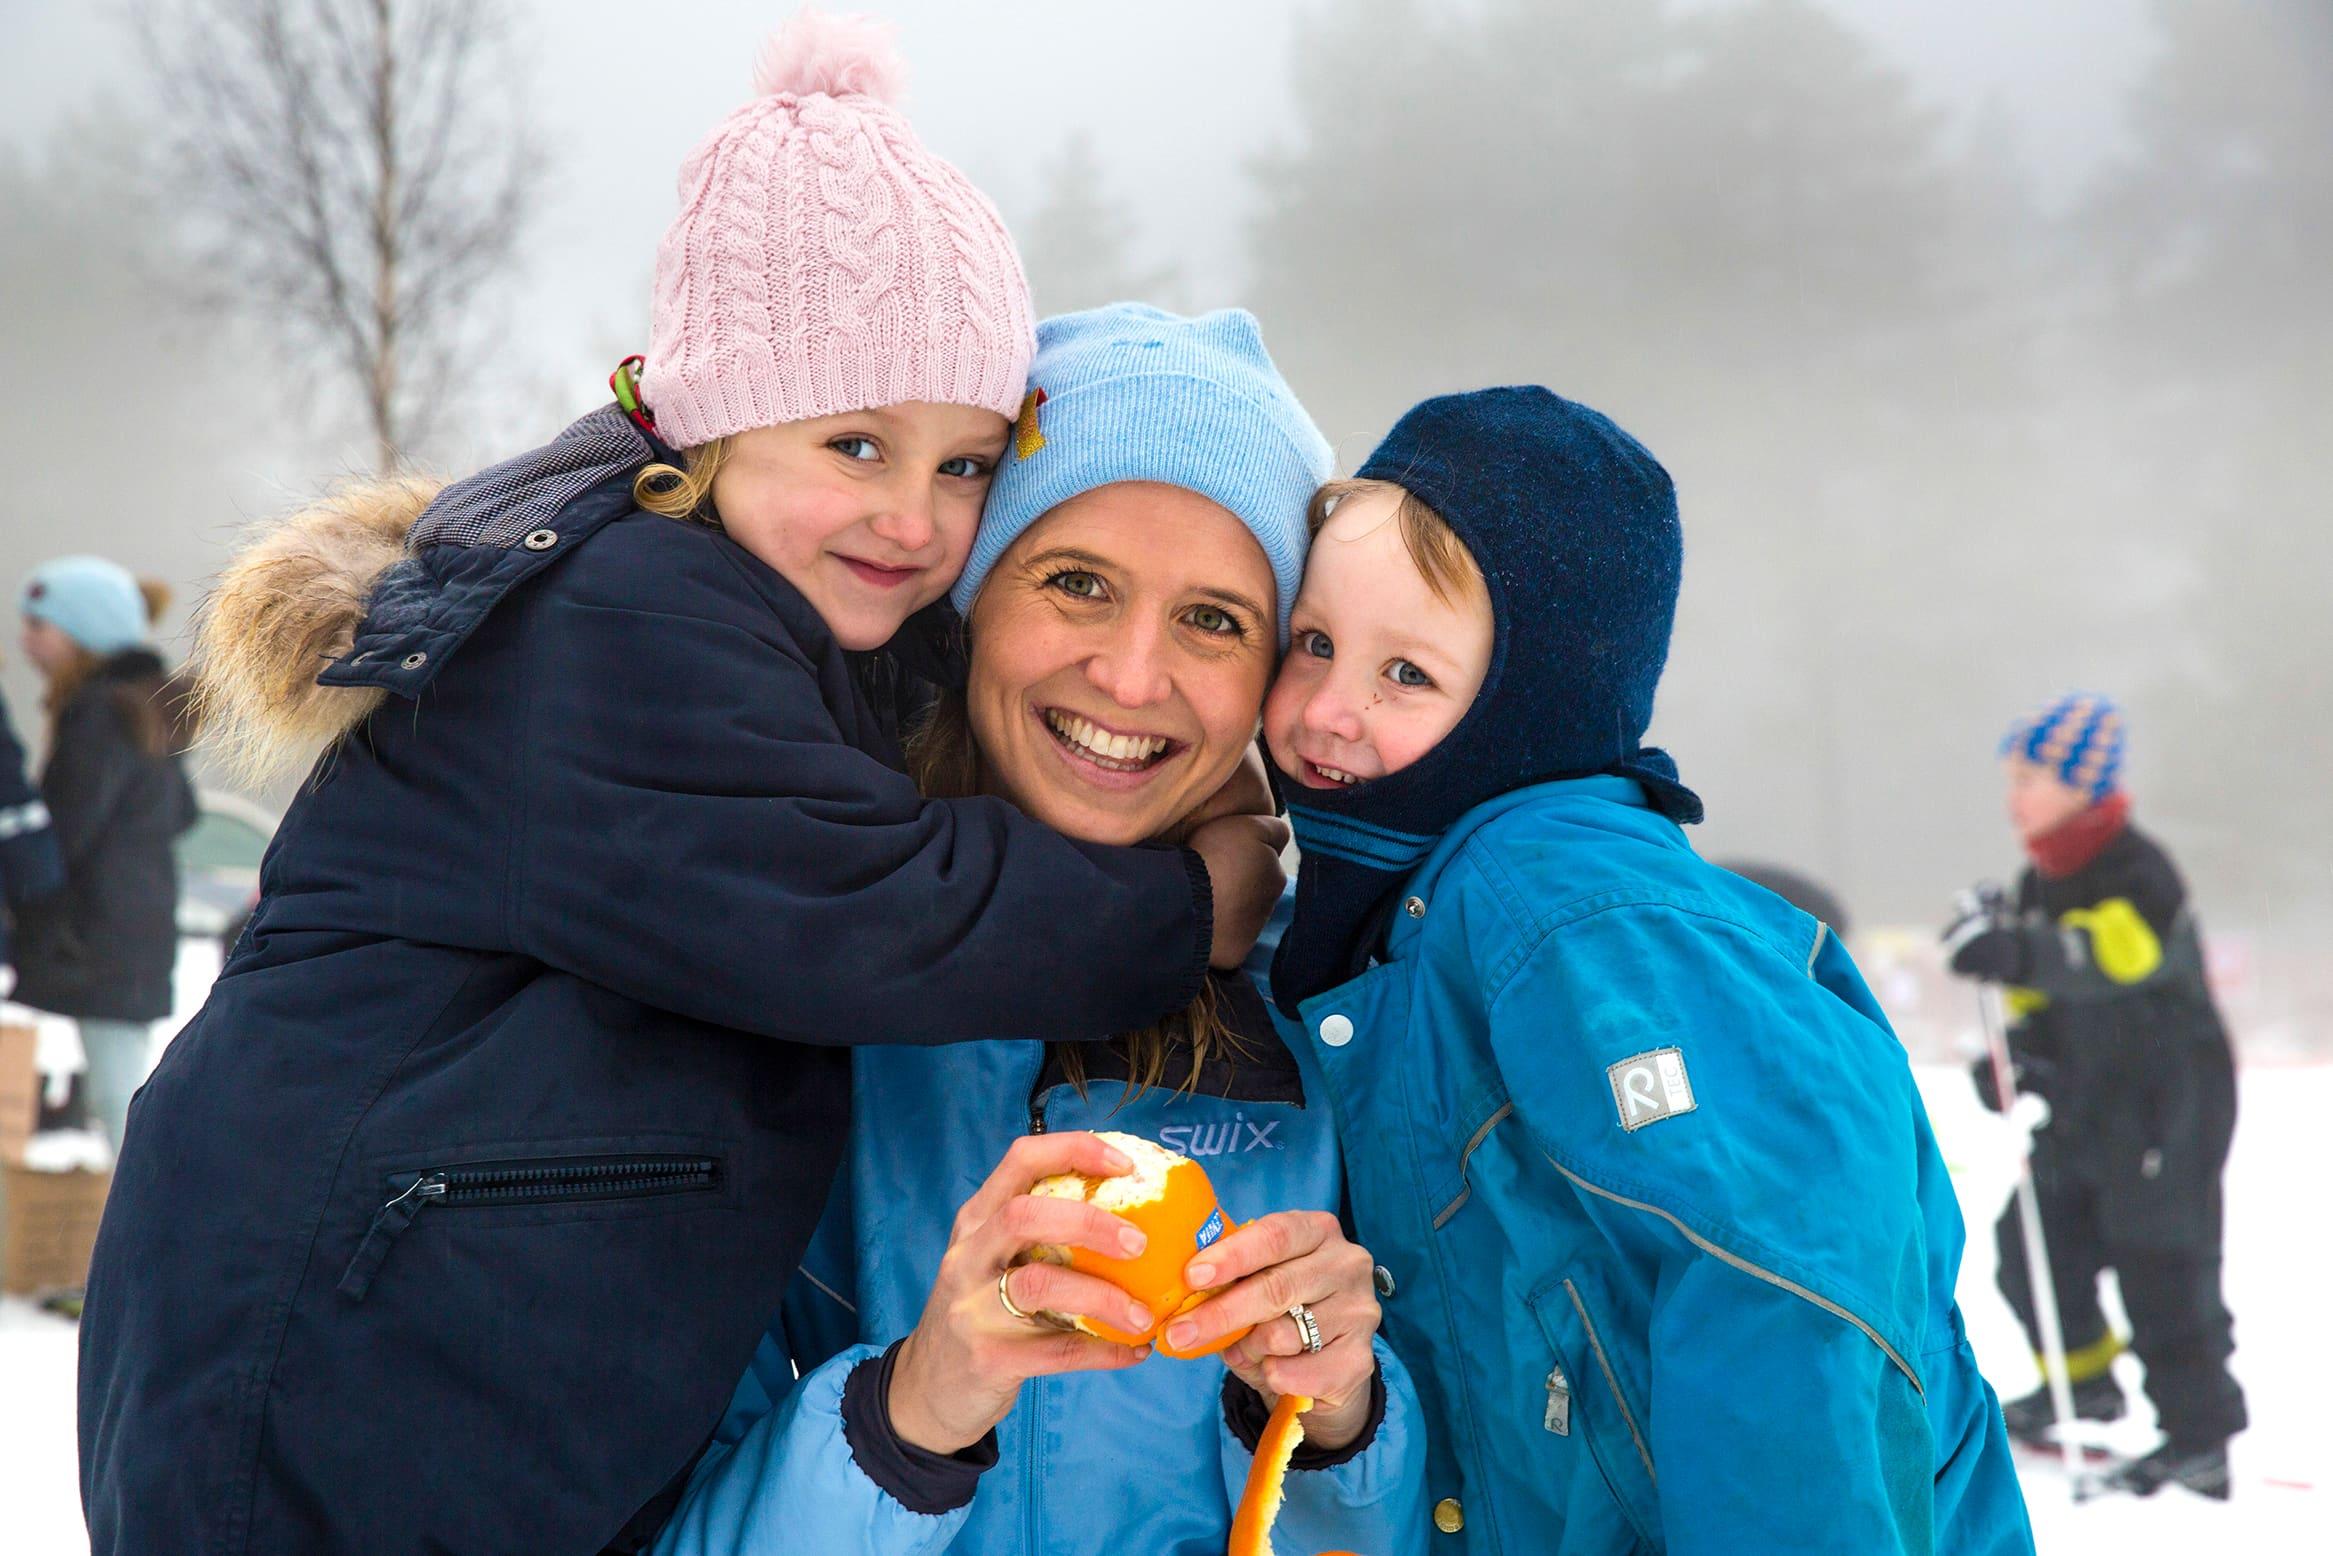 Kommunikasjonssjef Kristine Aakvaag Arvin gjorde som flere hundre andre og tok med seg barna på Kom deg ut-dagen søndag 6. februar.